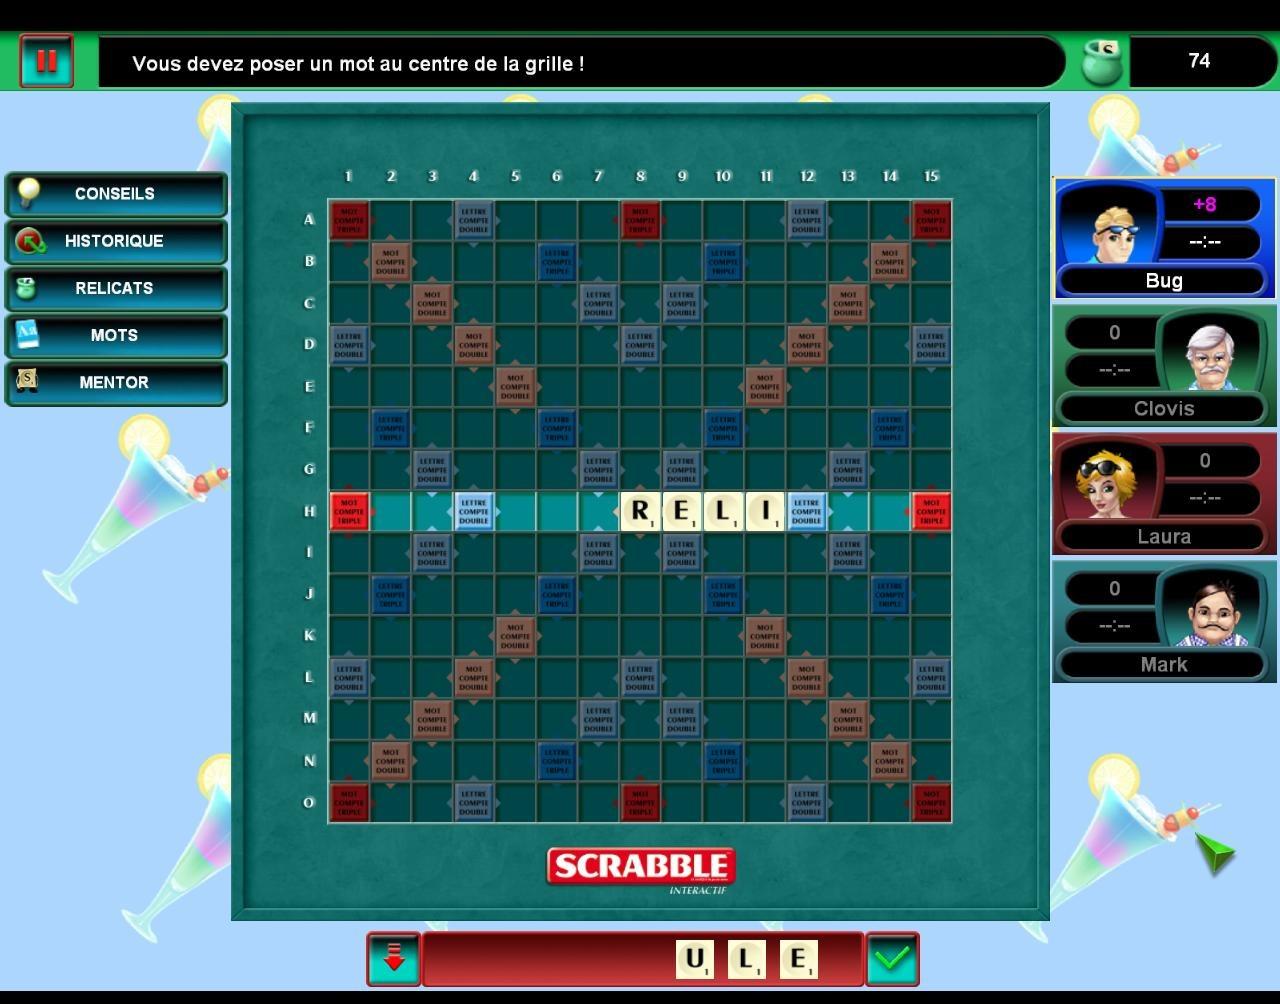 Jeu-Gratuit.net, le guide des jeux en ligne, vous propose une sélection des  meilleurs jeux de scrabble en ligne, parmi des centaines deMundi Jeux est une plateforme communautaire de jeux de hasard type bingo, loto mais aussi de cartes comme la belote, le tarot ou bien évidemment le poker.